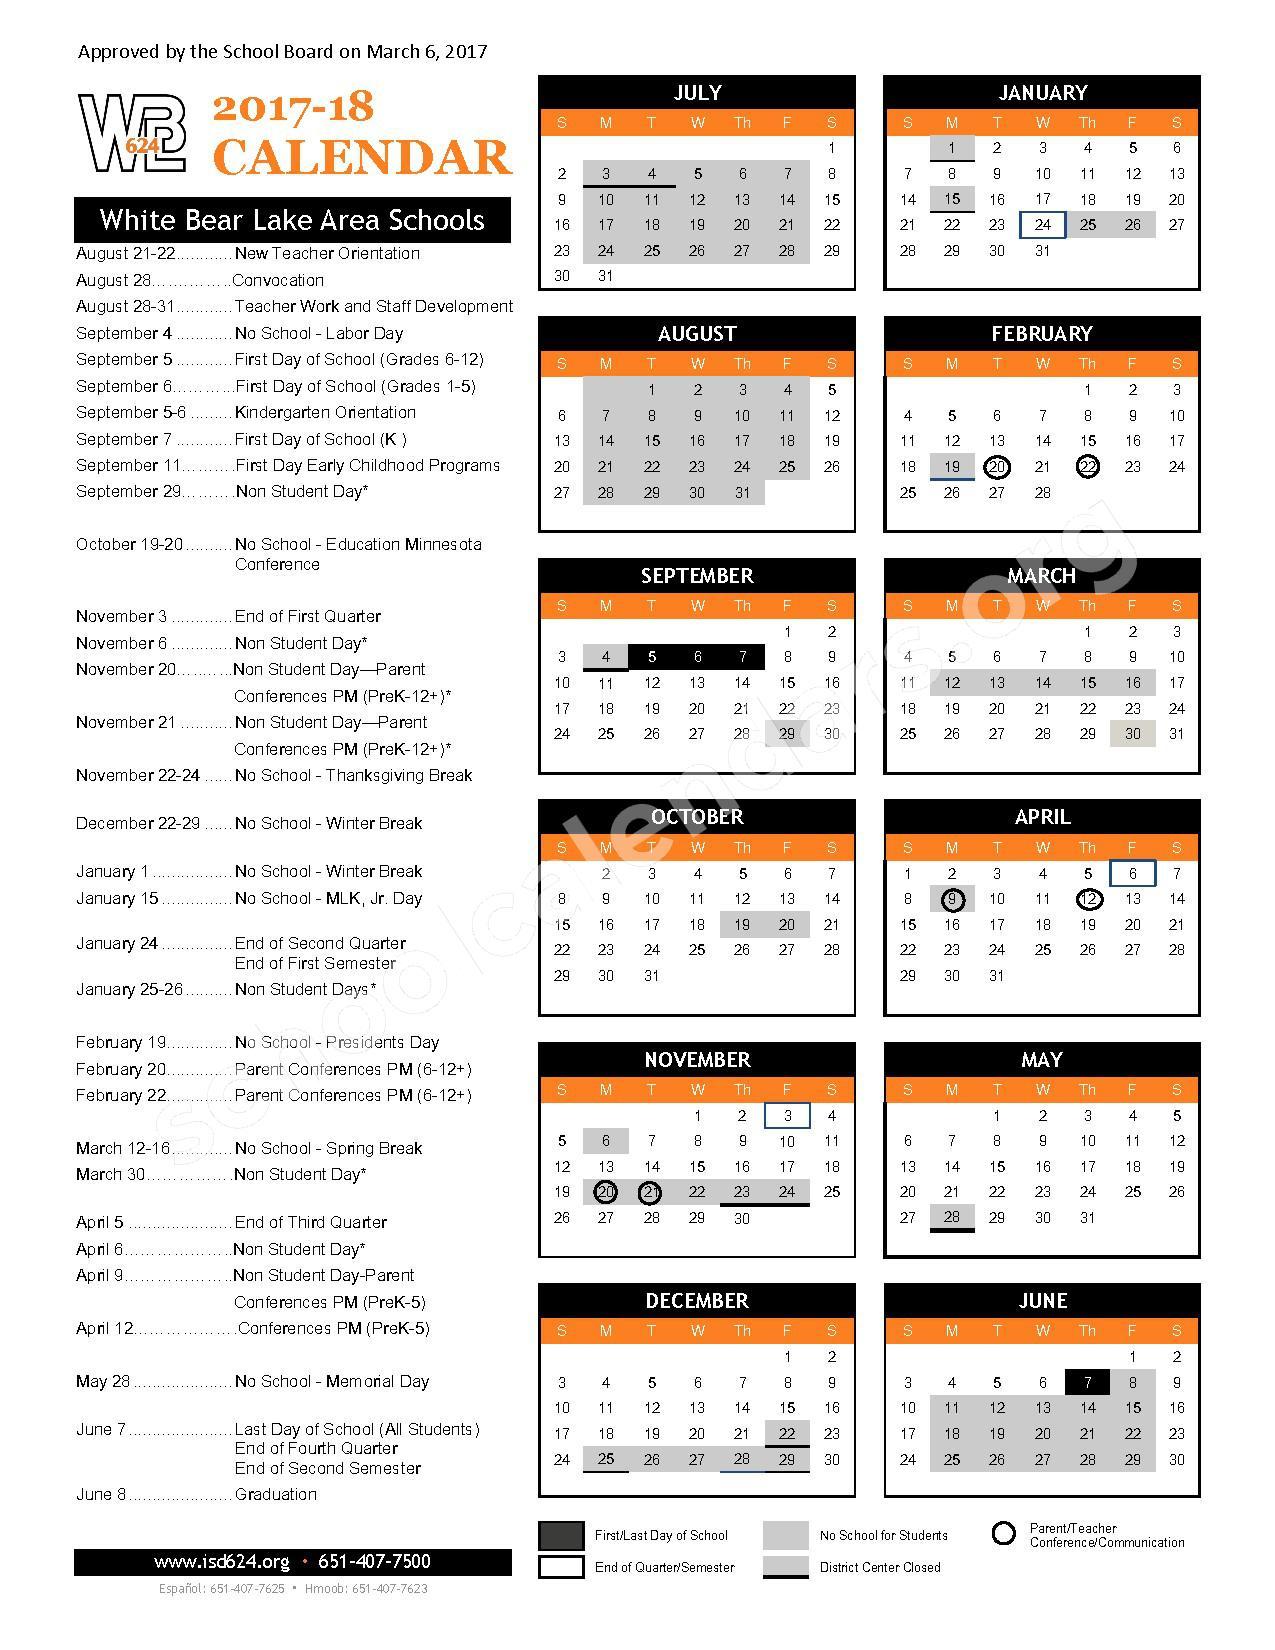 2017 - 2018 District Calendar – White Bear Lake School District – page 1